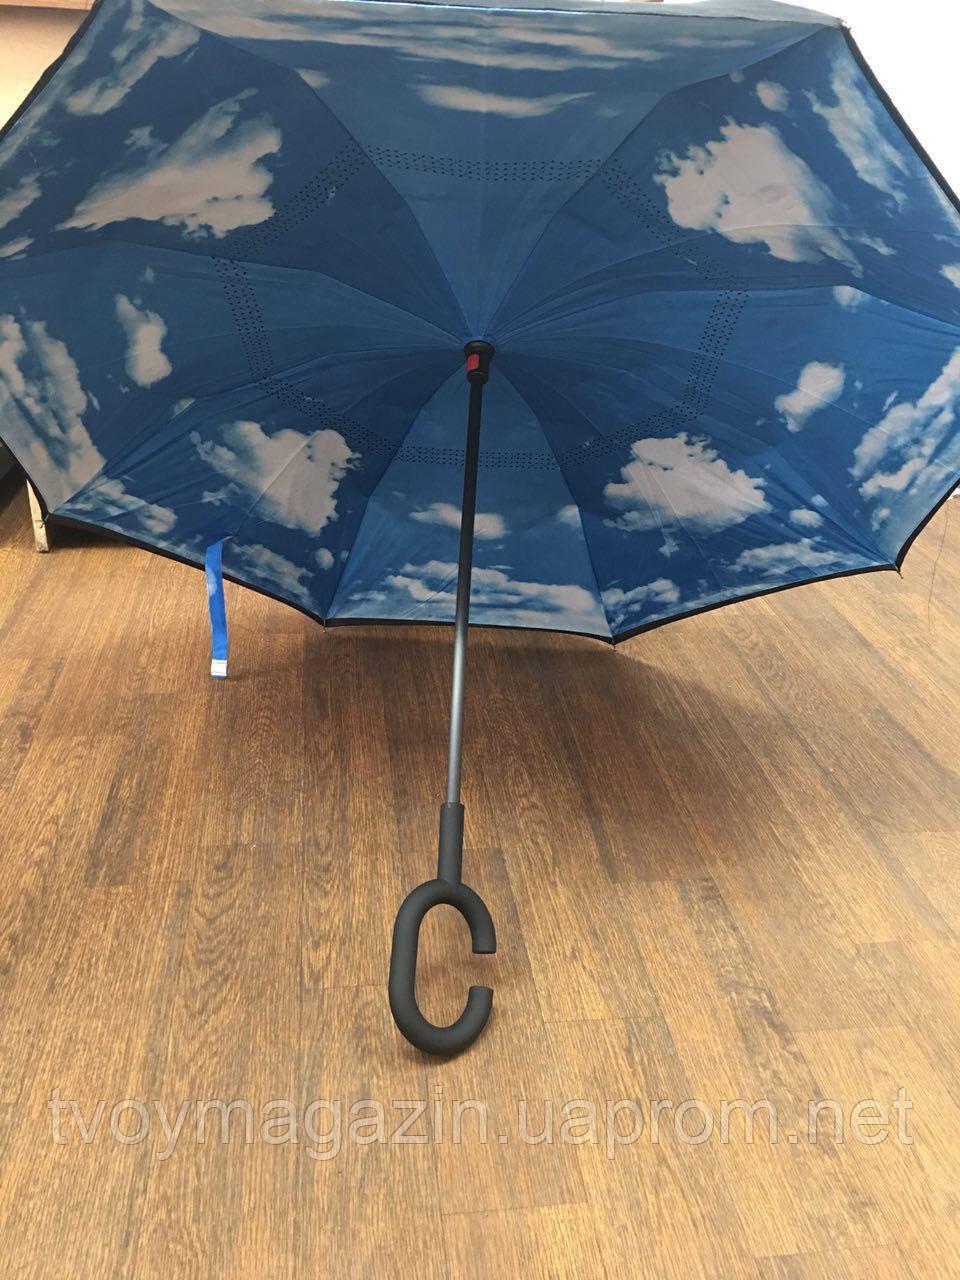 Зонт Up-Brella Парасоля